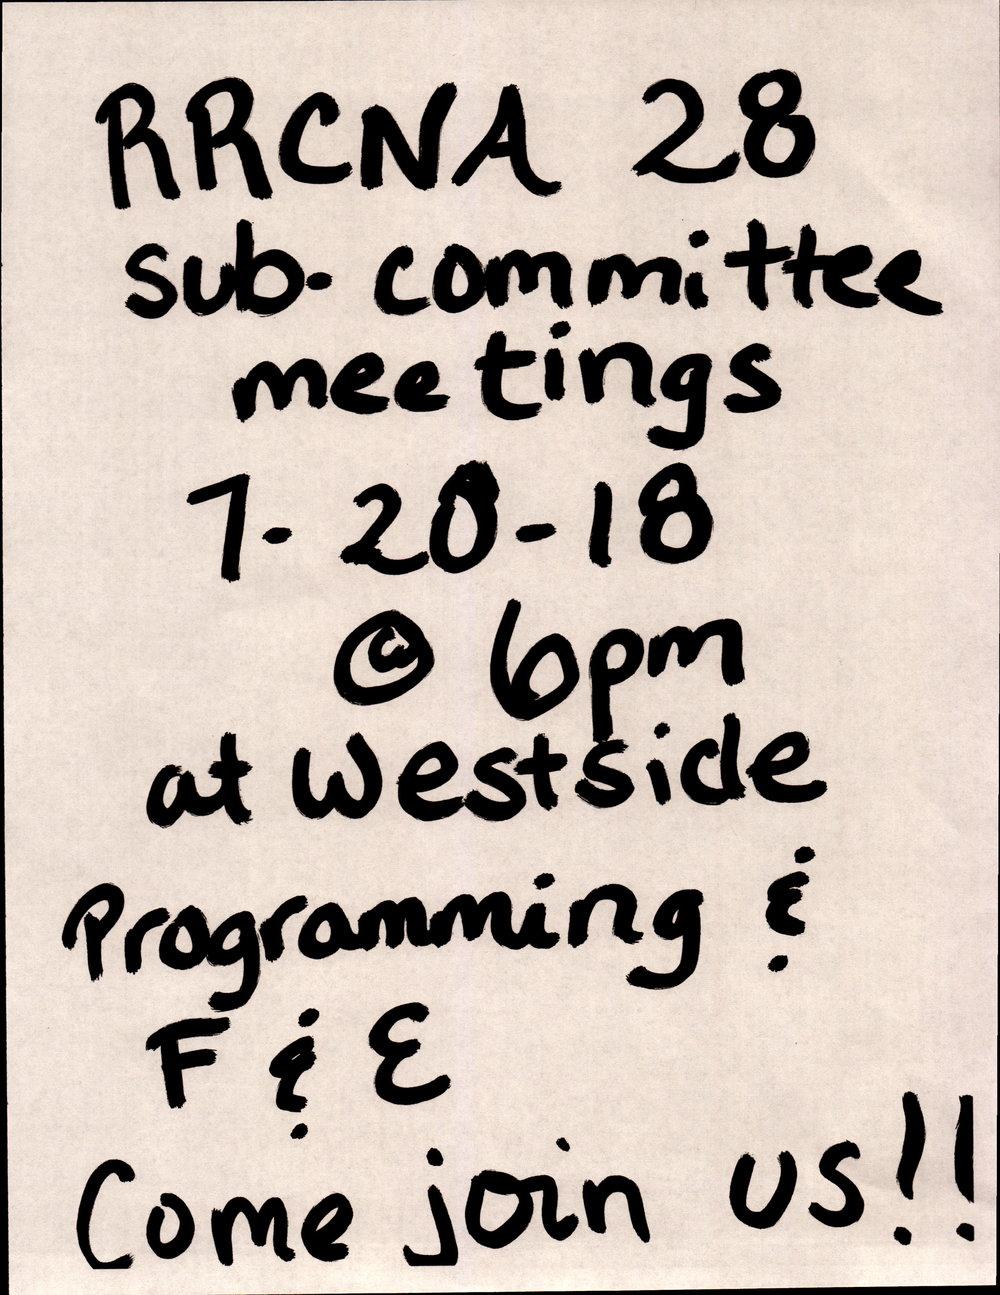 2018-07-20 RRCAN 28 subcommittee meetings.jpg